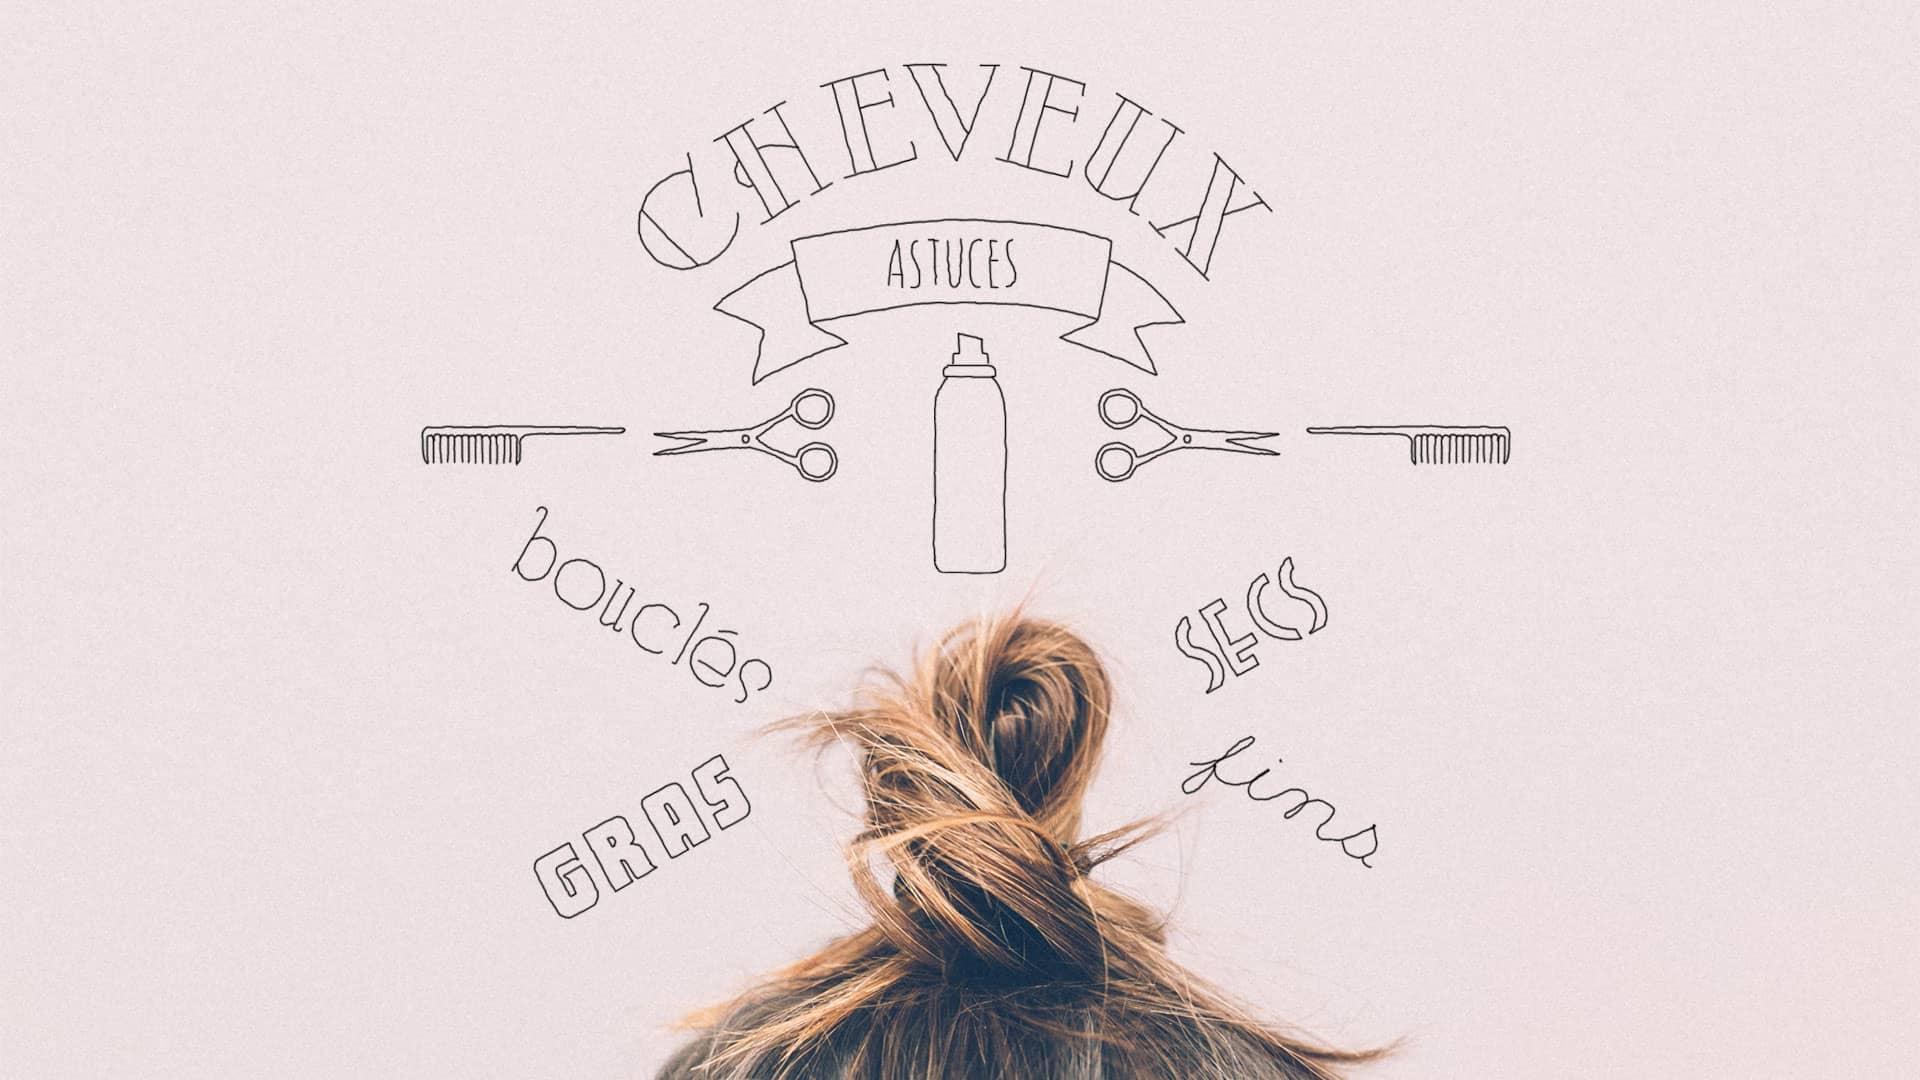 Soins des cheveux : Astuces et conseils